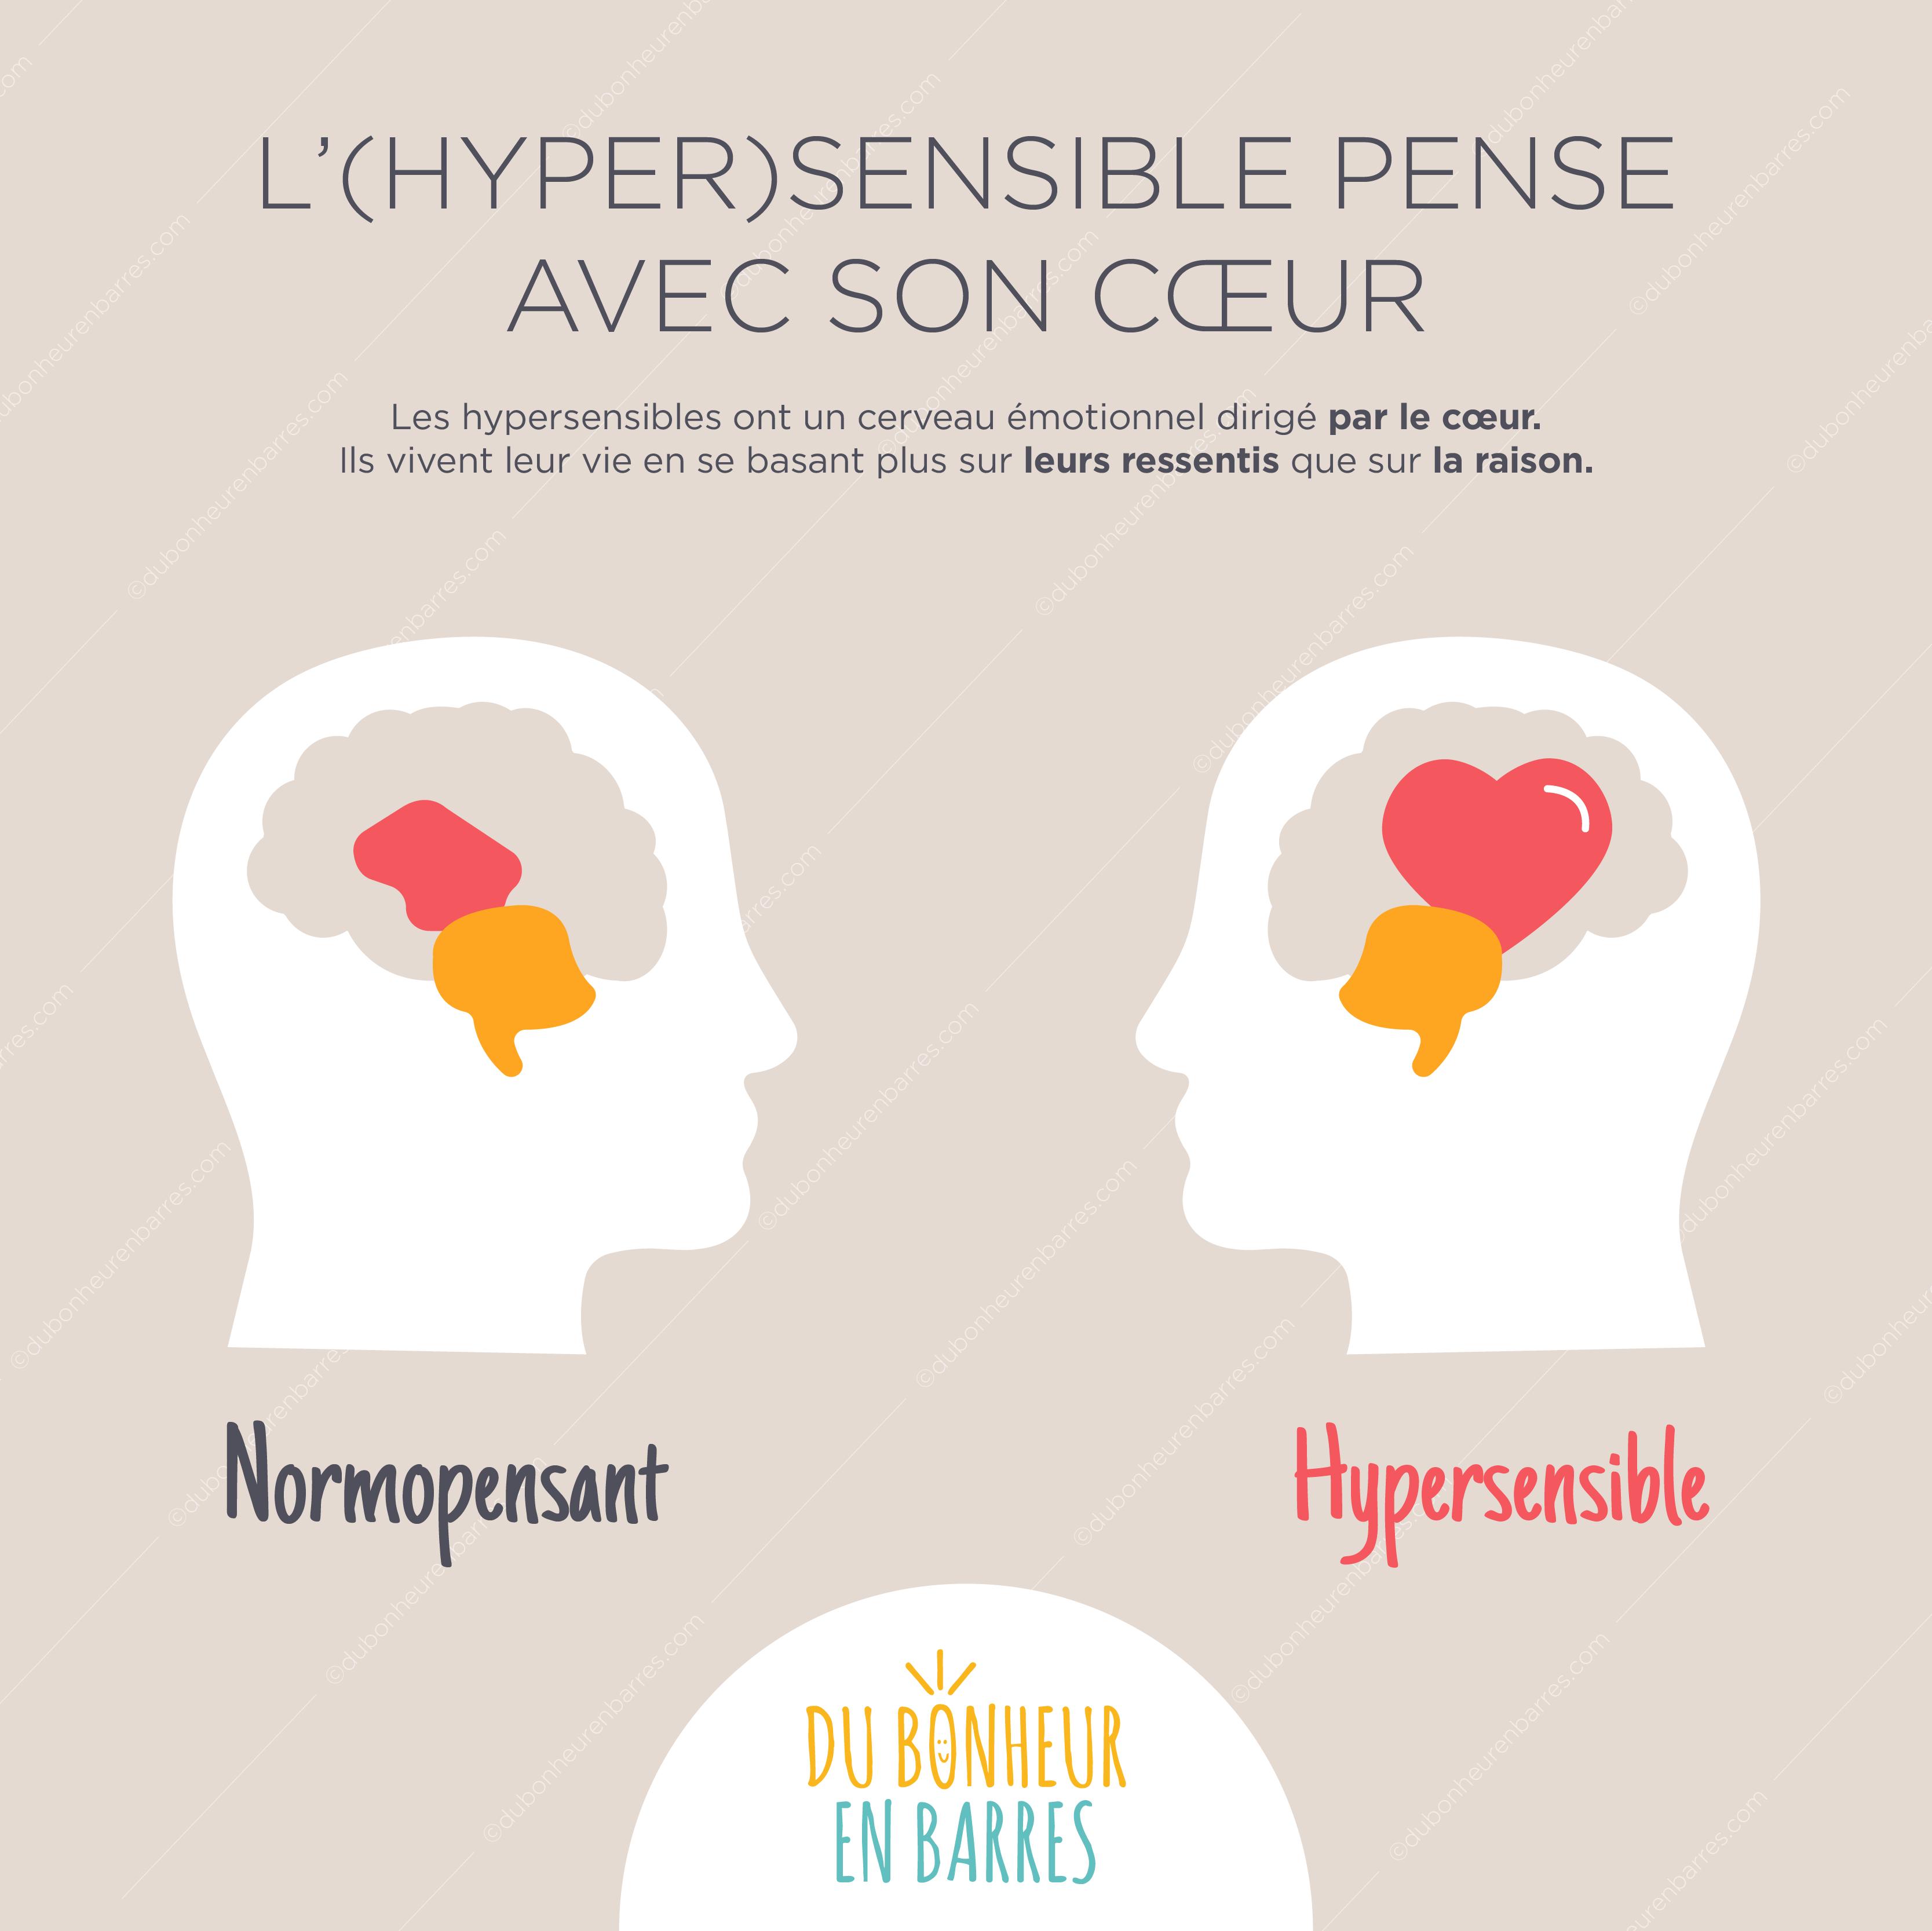 L'hypersensible pense avec son coeur